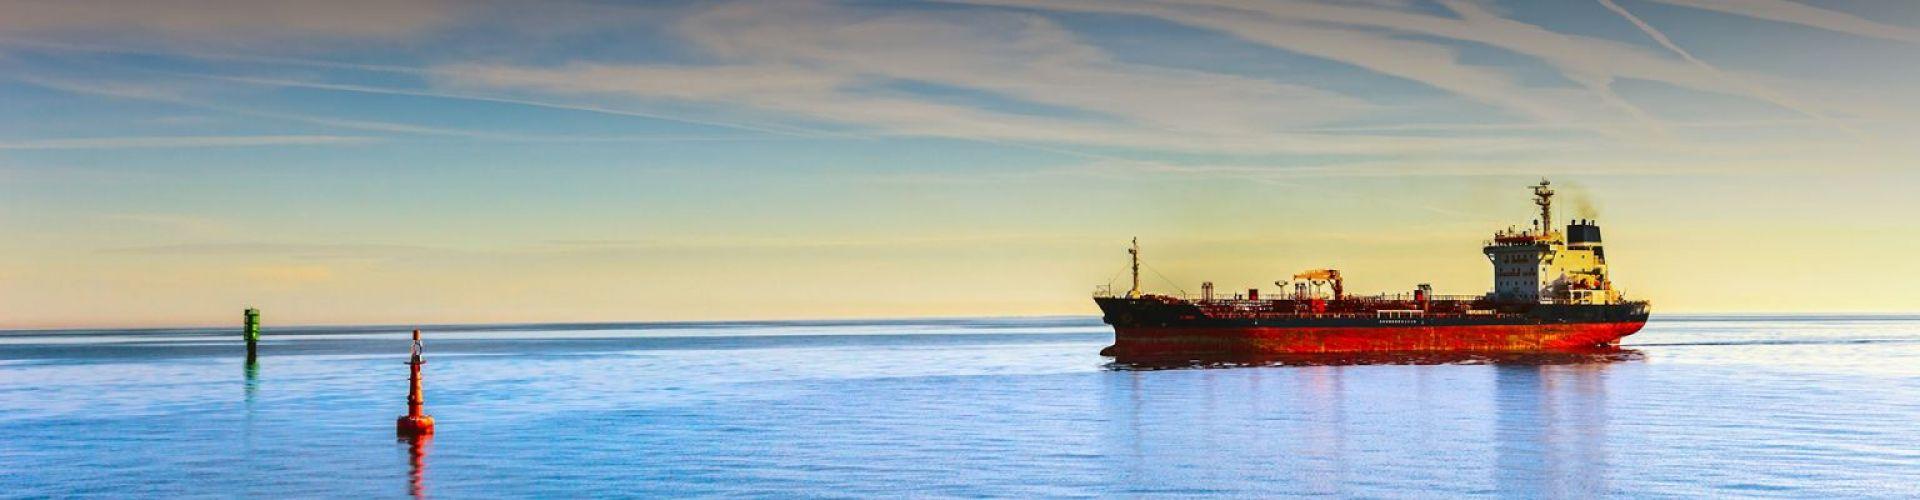 海上資産の管理